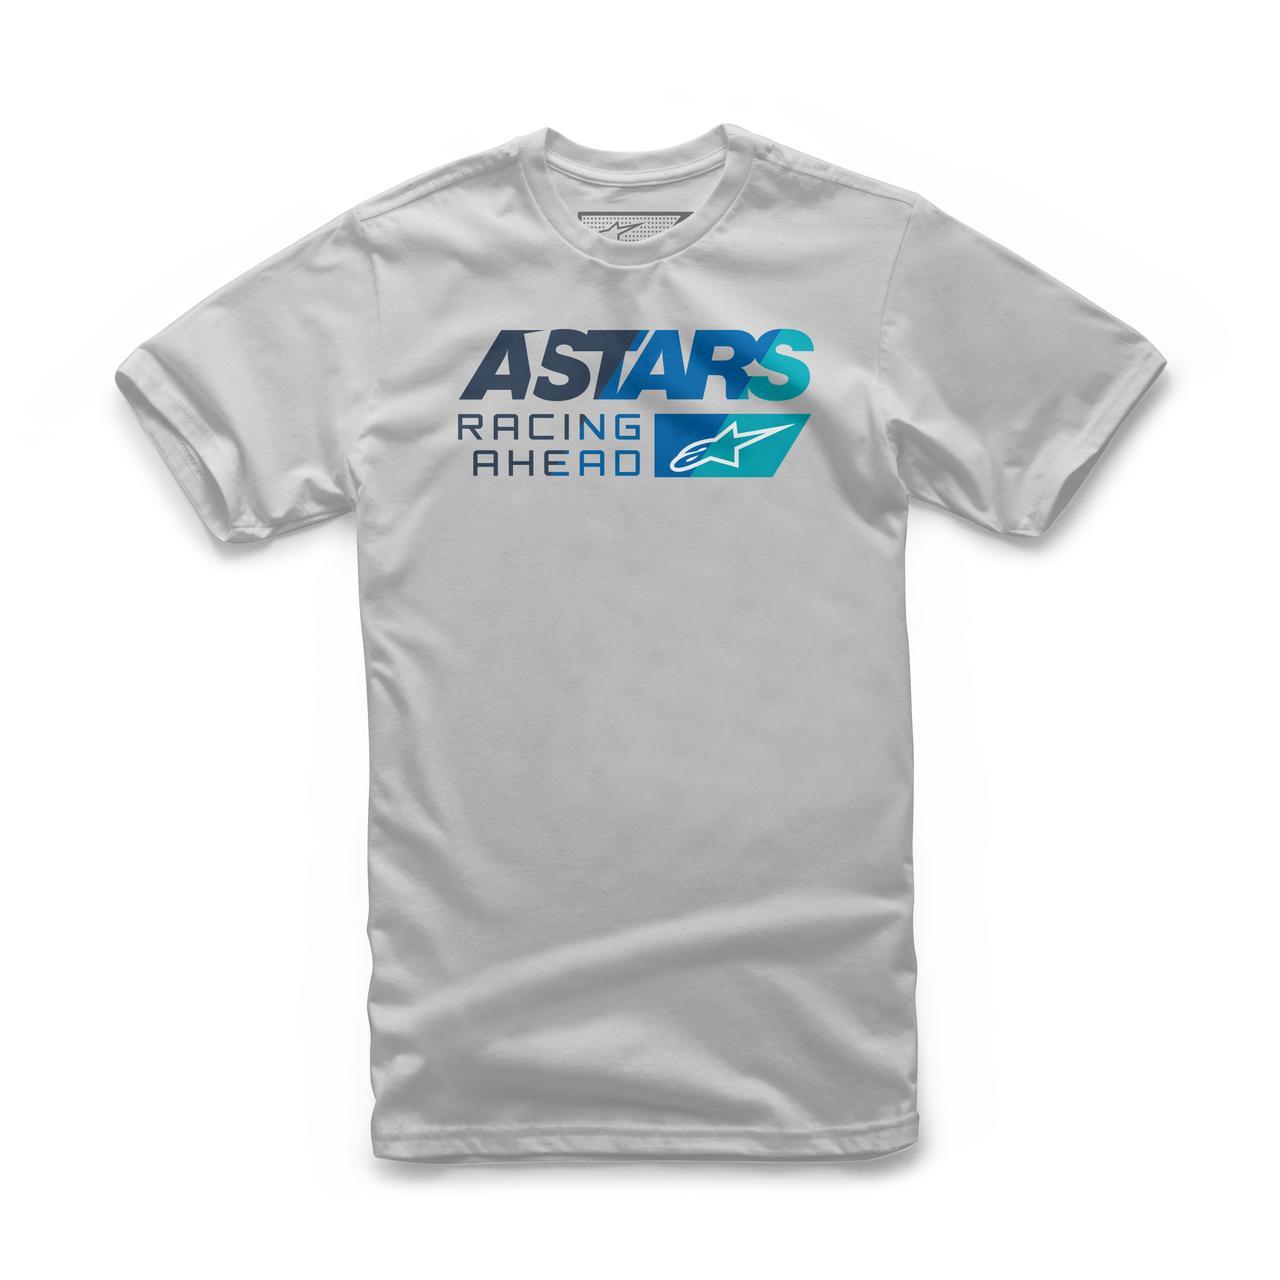 画像13: こんなにあったら選べない!? アルパインスターズの新作〈Tシャツ〉コレクション、あなたはどのデザインが好み?